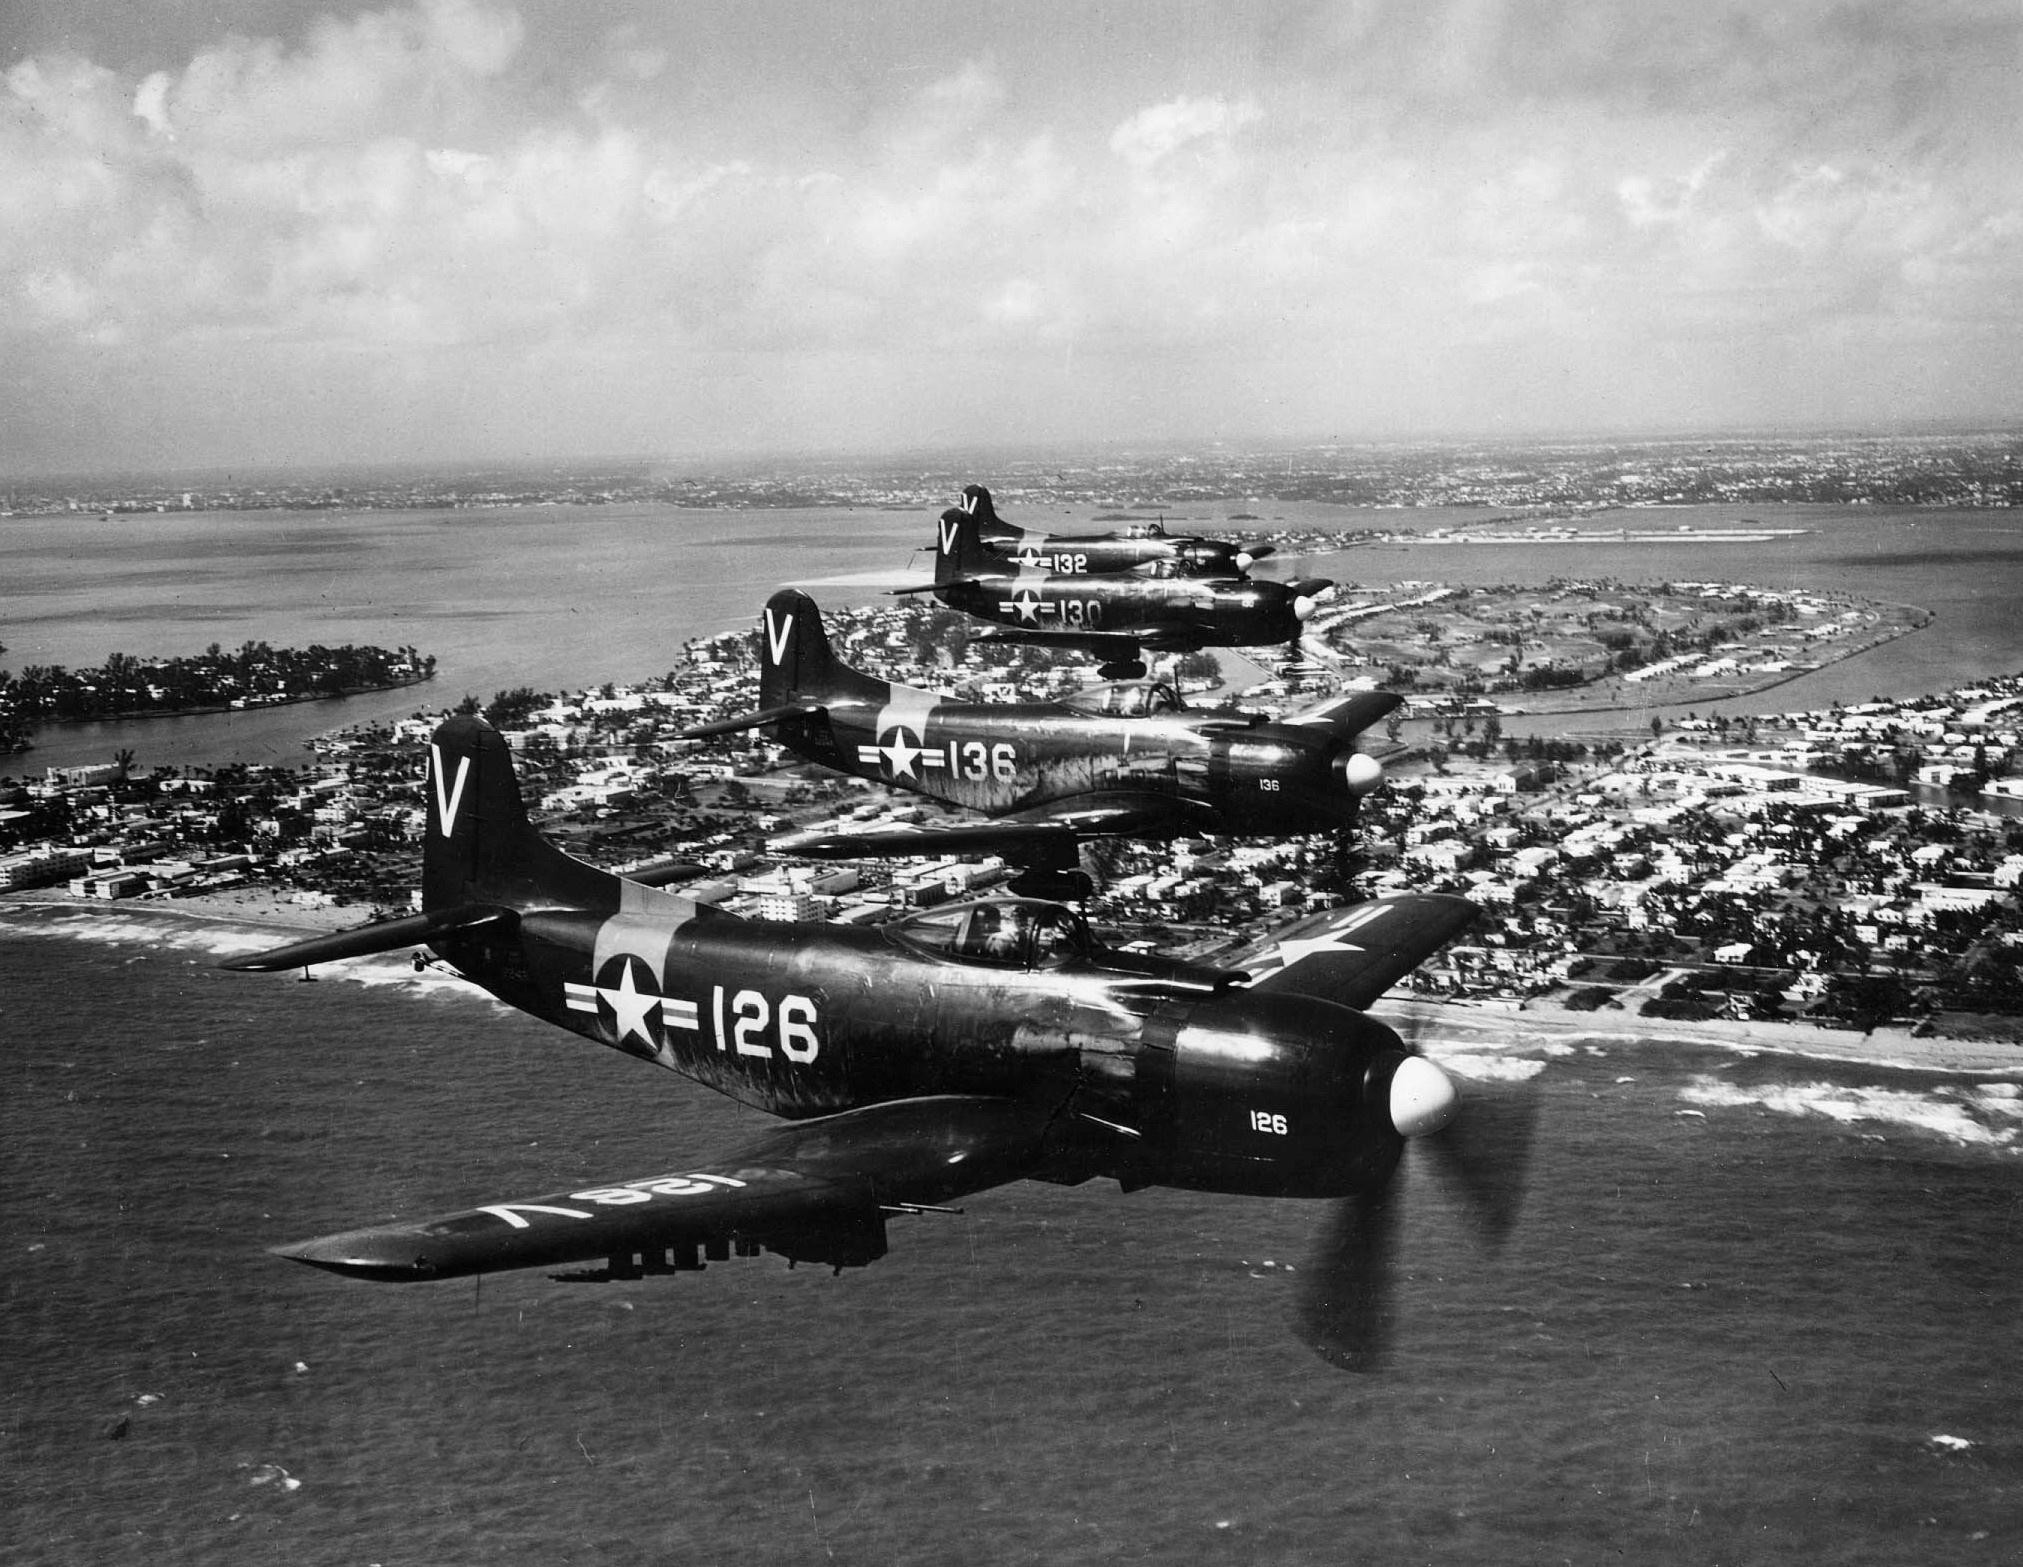 AM-1s_VA-727_US_Naval_Air_Reserve_over_Miami_c1950